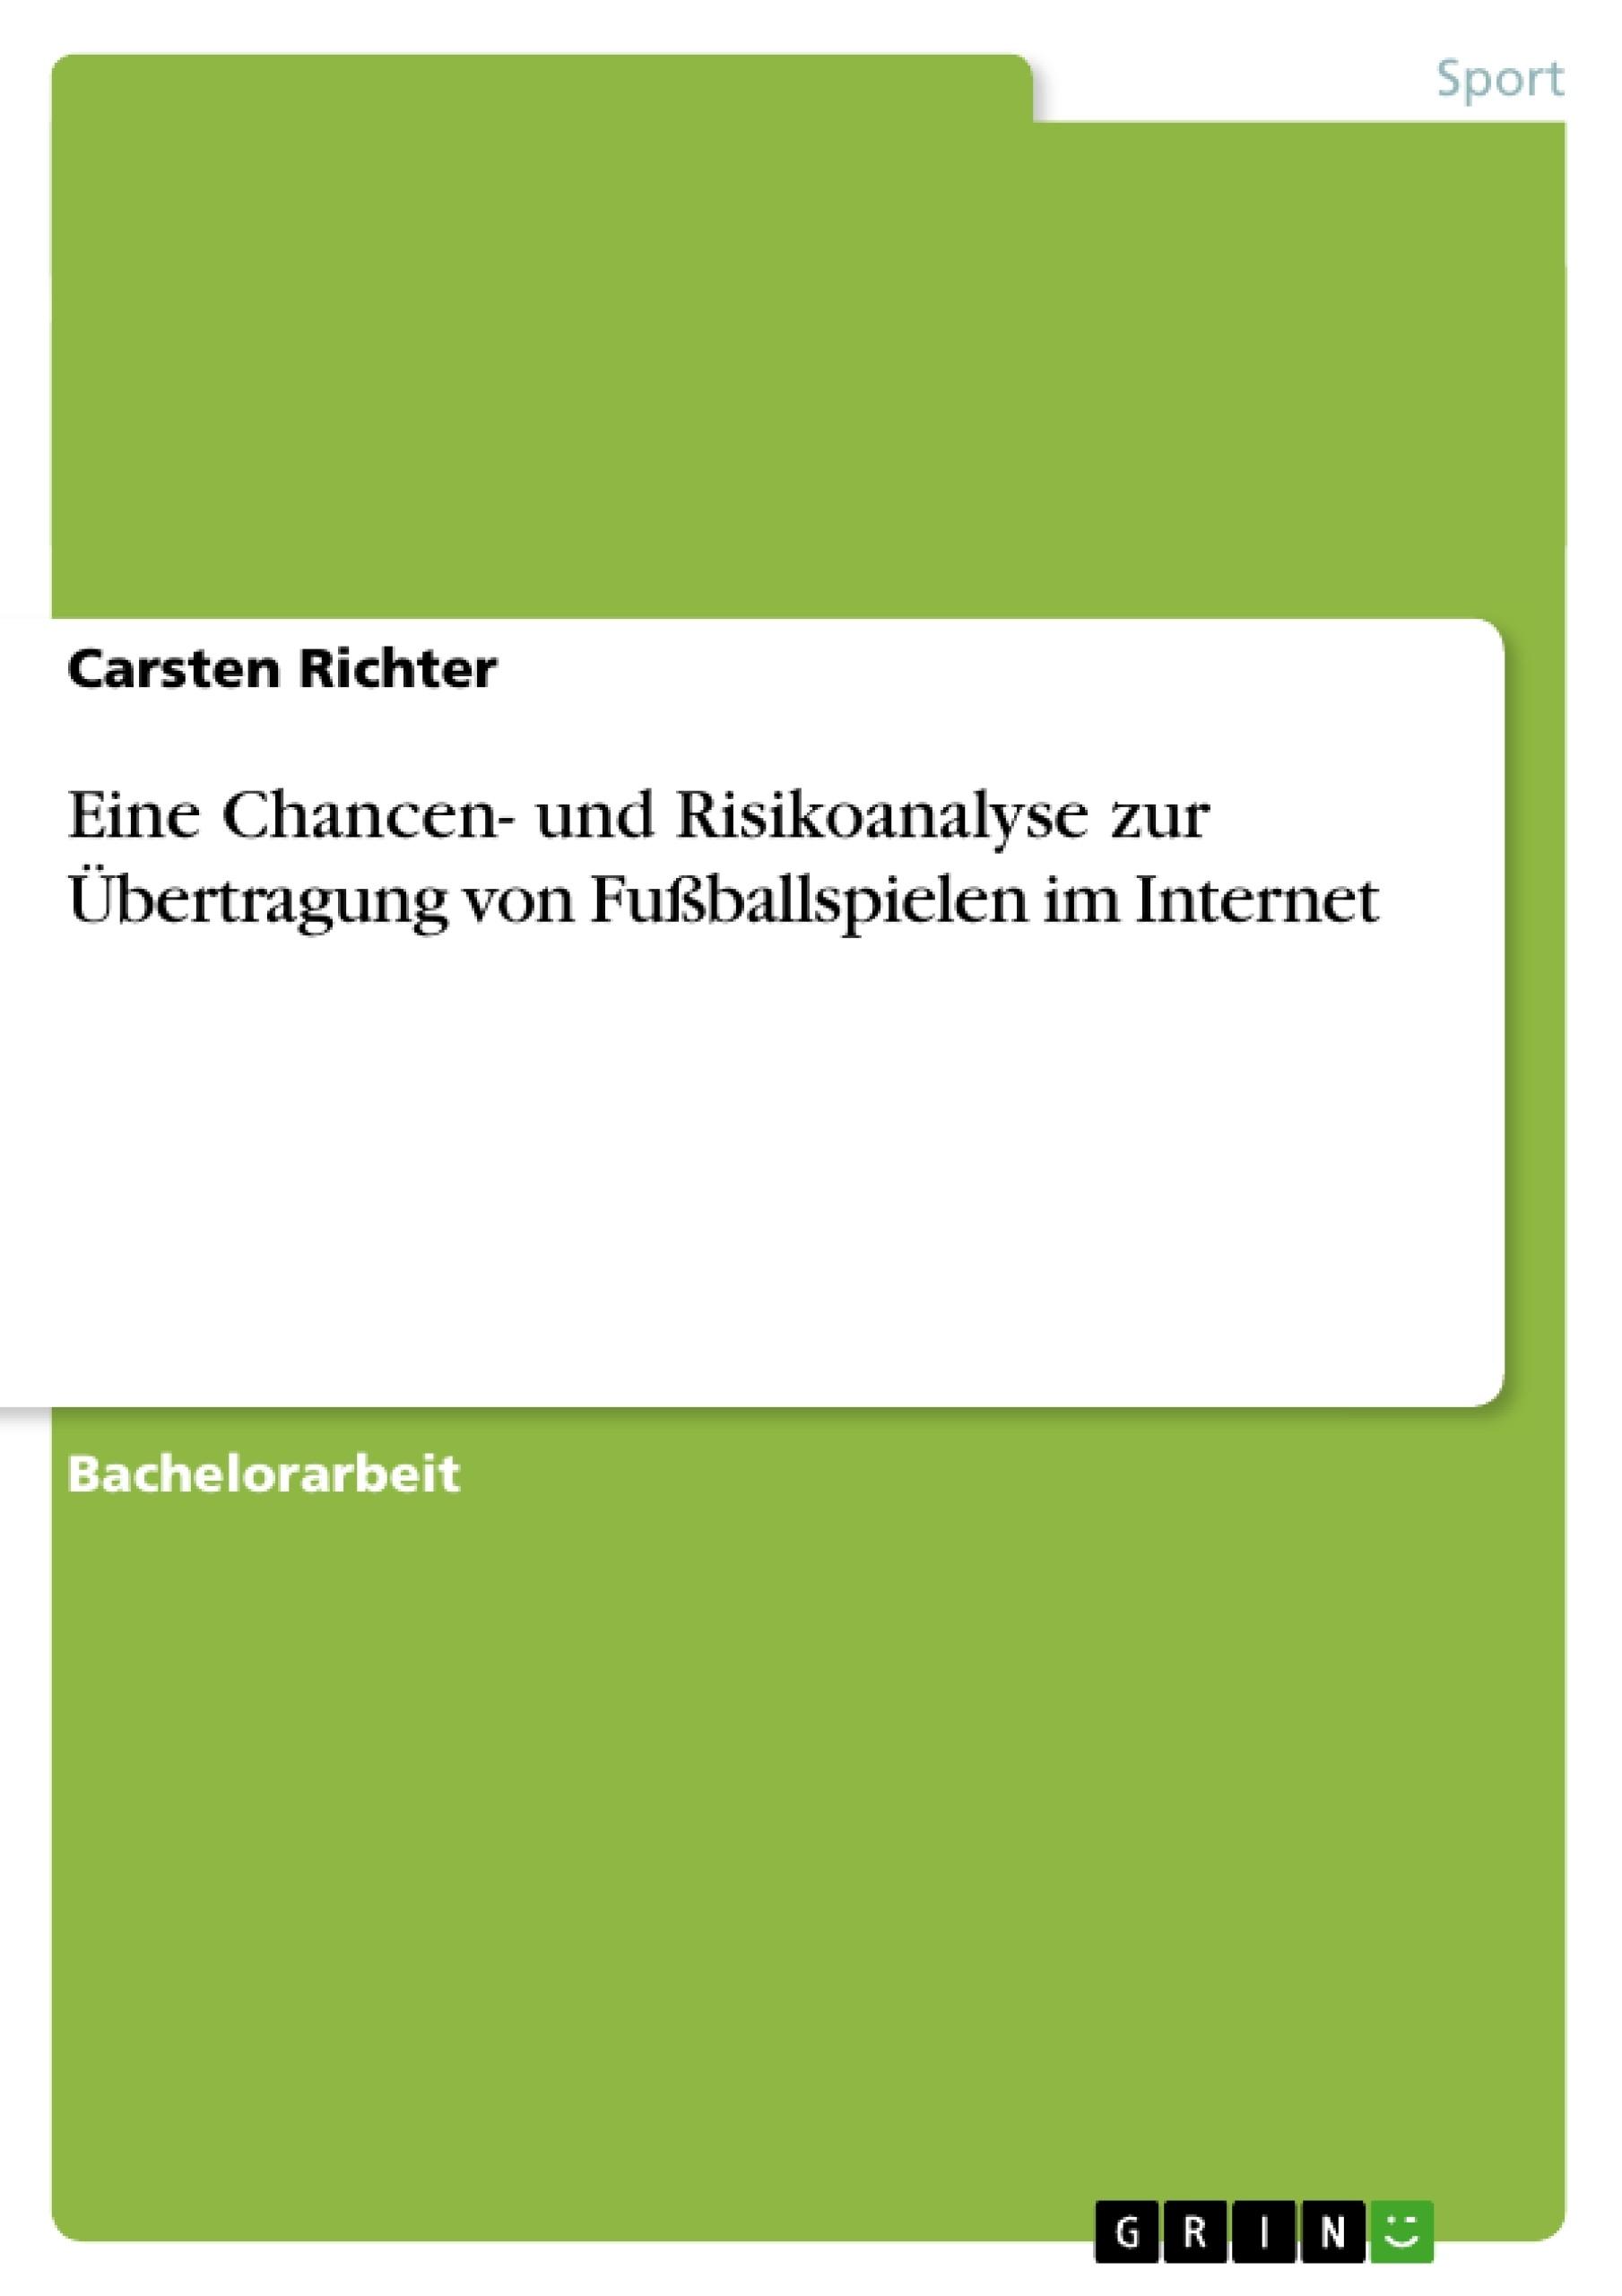 Titel: Eine Chancen- und Risikoanalyse zur Übertragung von Fußballspielen im Internet